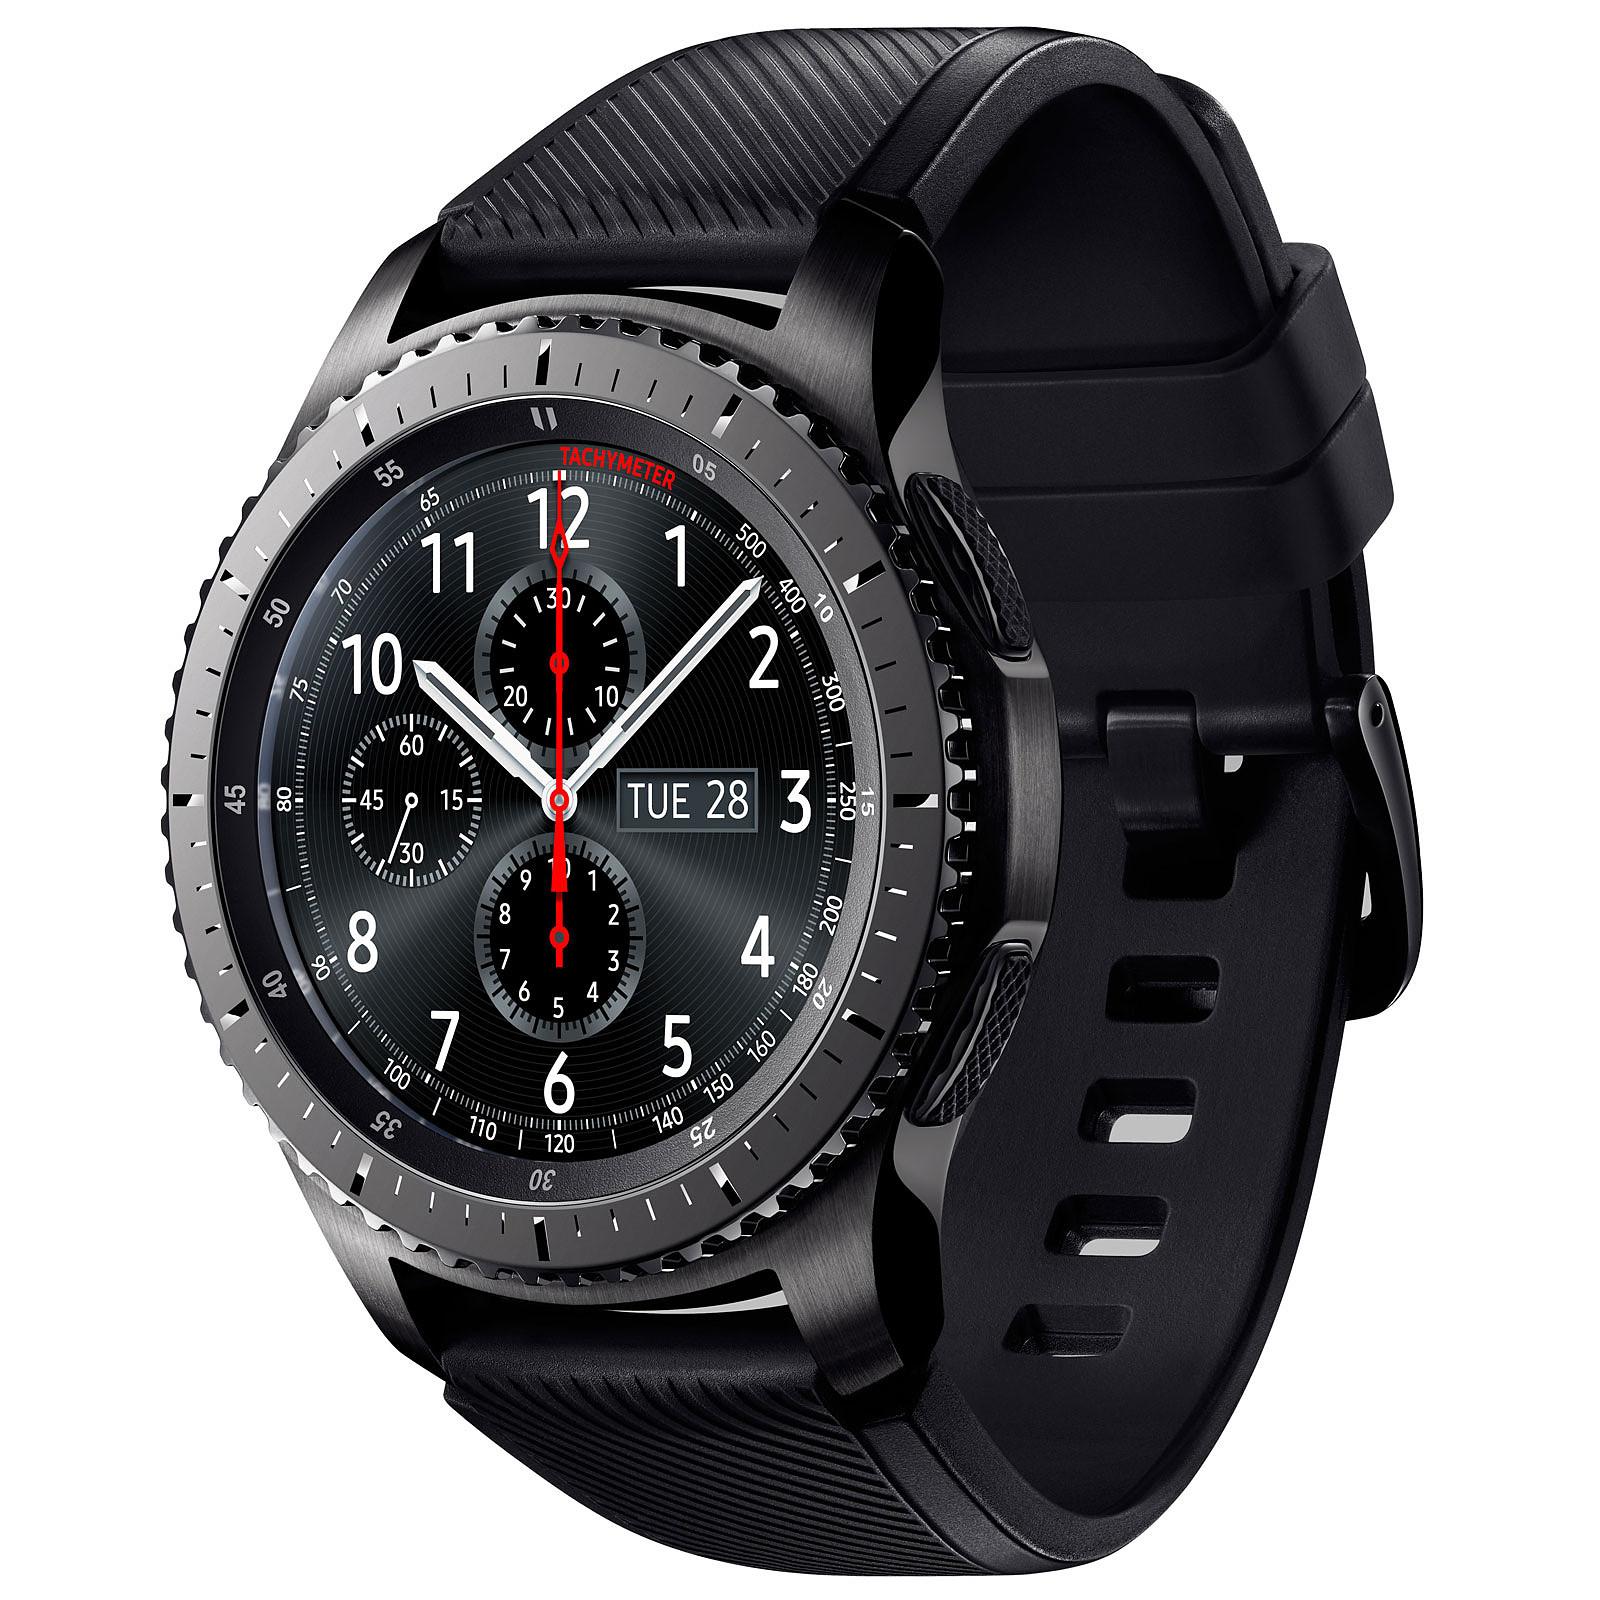 Samsung Gear S3 Frontier negro